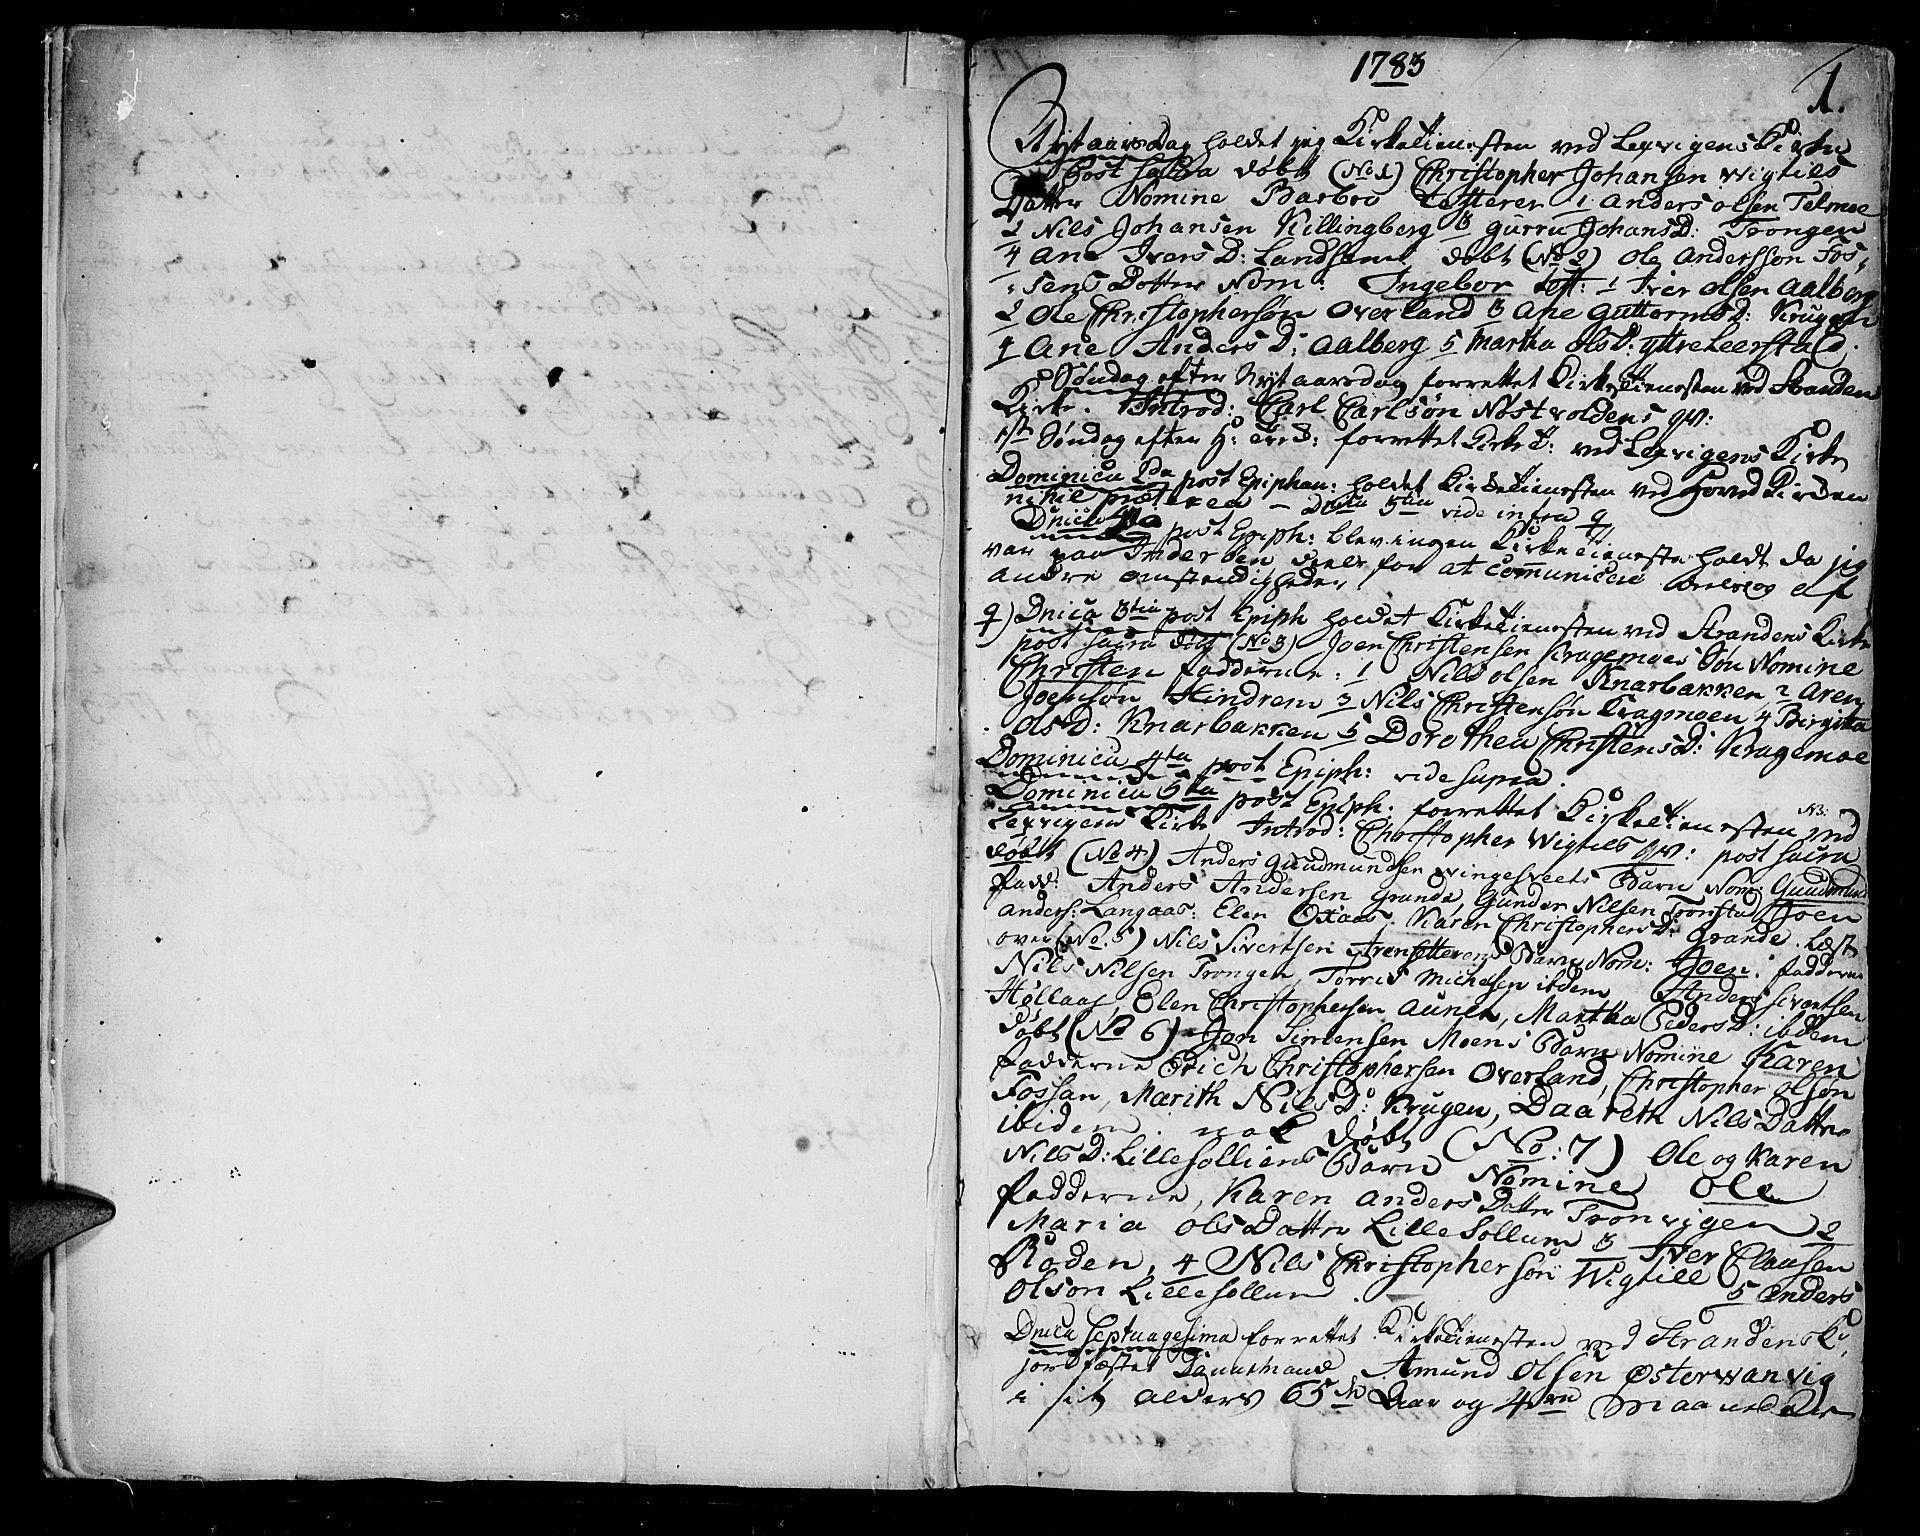 SAT, Ministerialprotokoller, klokkerbøker og fødselsregistre - Nord-Trøndelag, 701/L0004: Ministerialbok nr. 701A04, 1783-1816, s. 1